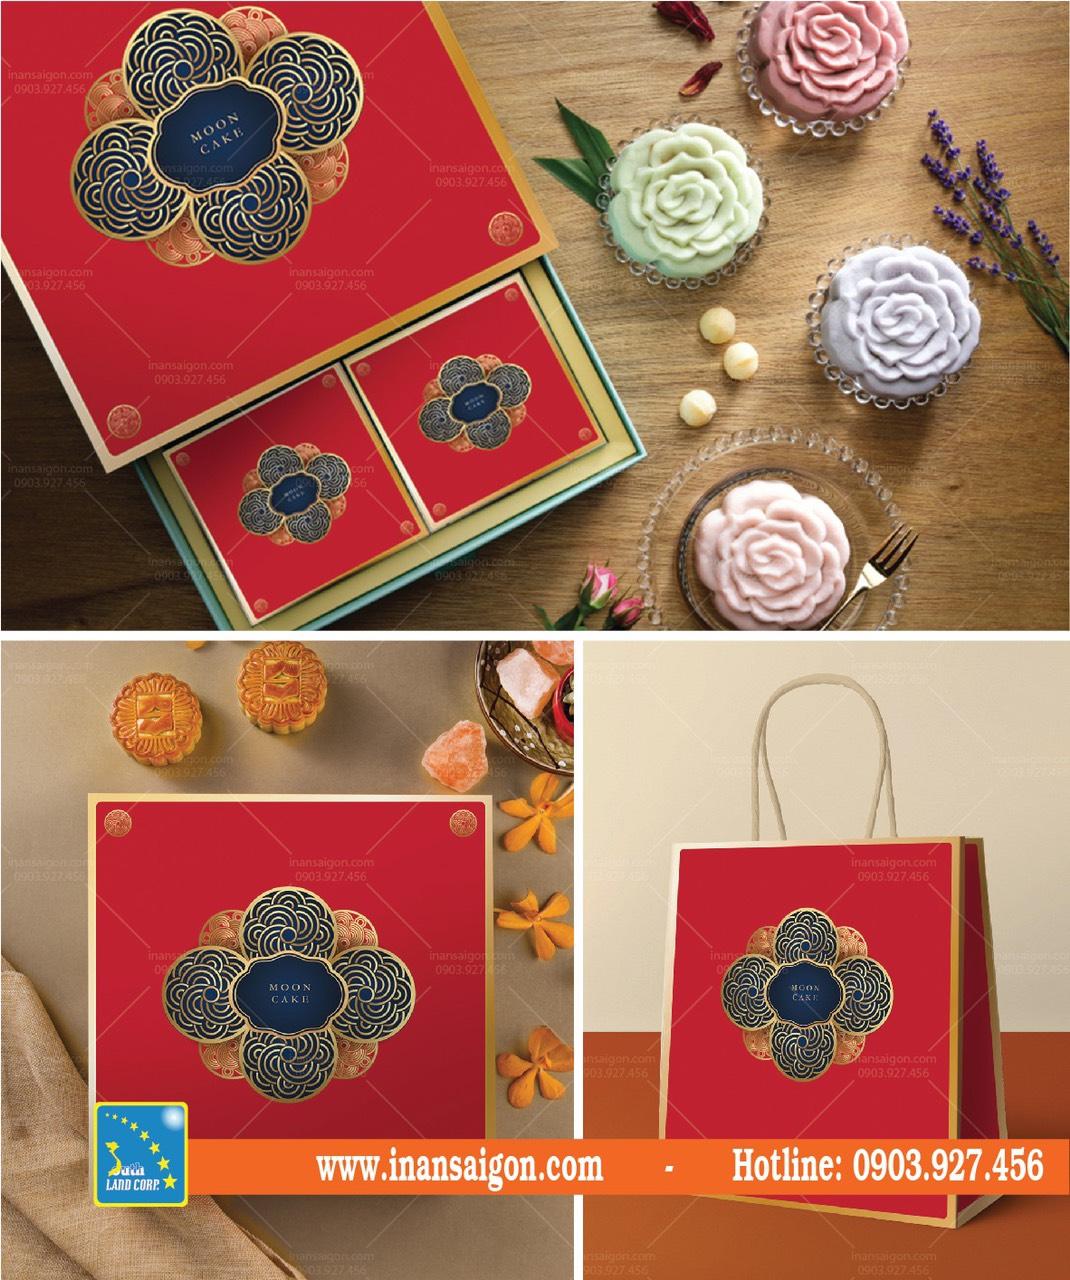 hộp bánh hoa văn cổ điển